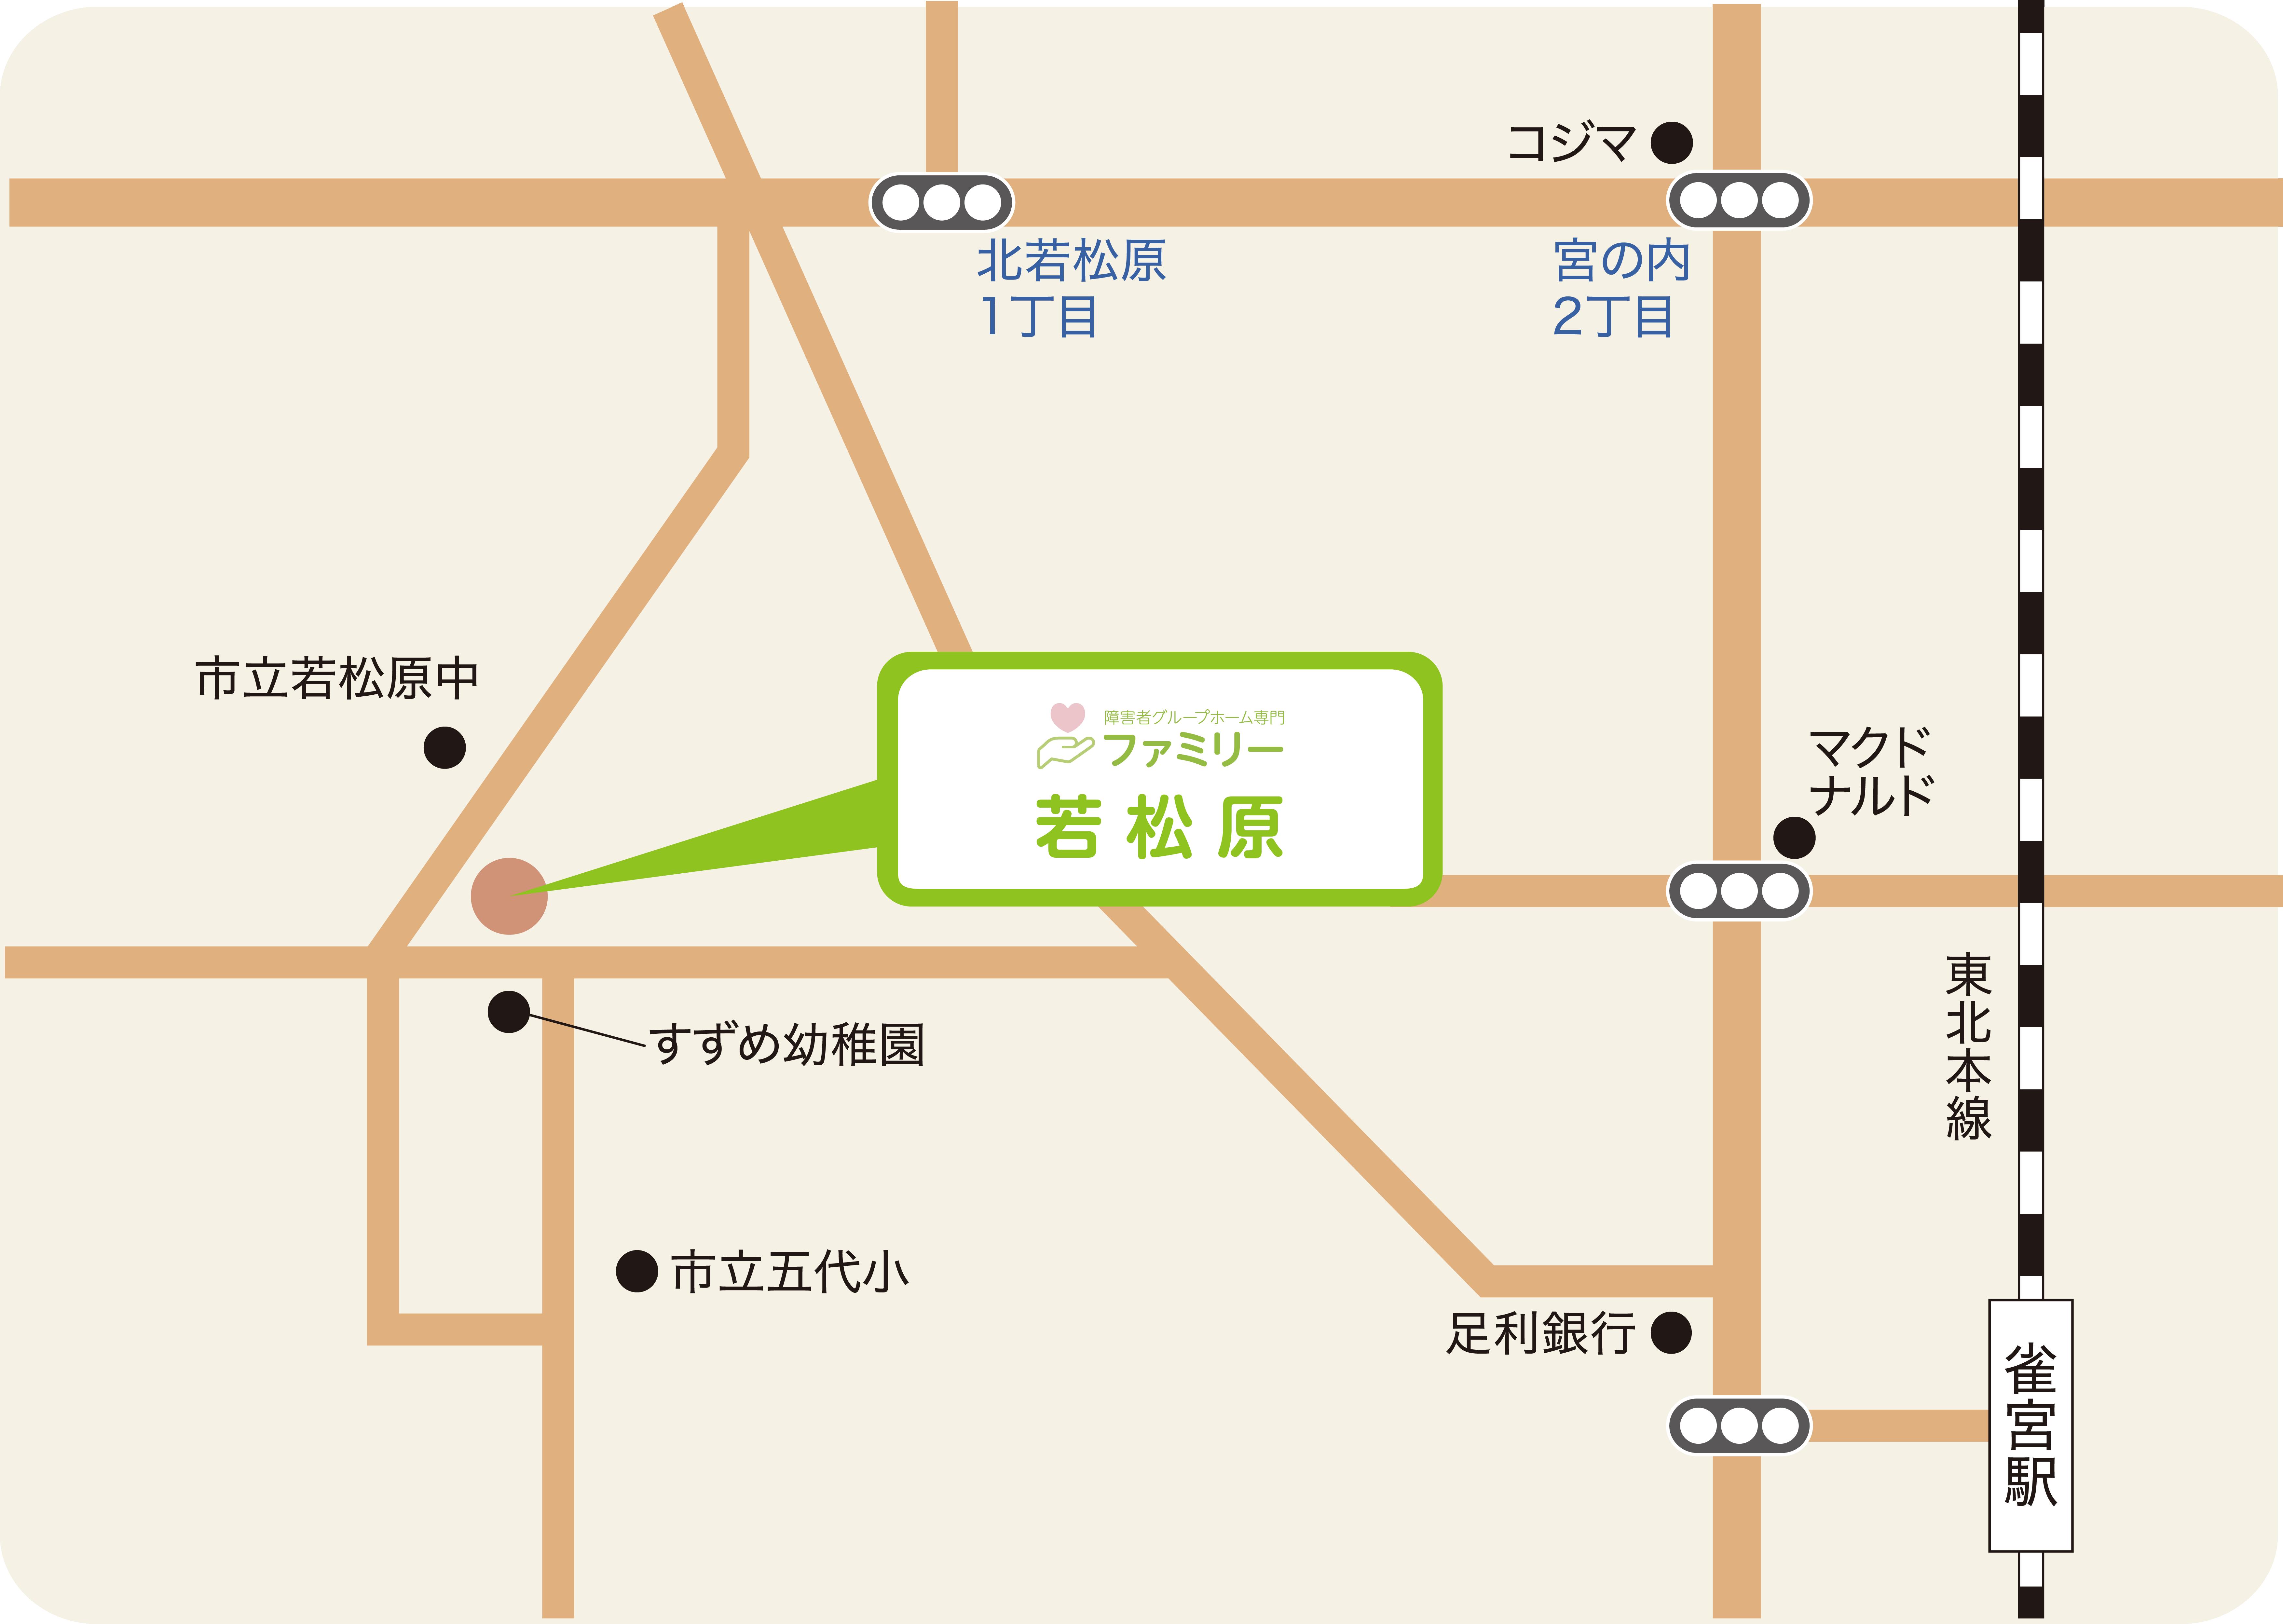 栃木県宇都宮市の障がい者自立支援・共同生活支援 | 障害者グループホーム ファミリー宇都宮の若松原アクセスのマップ画像